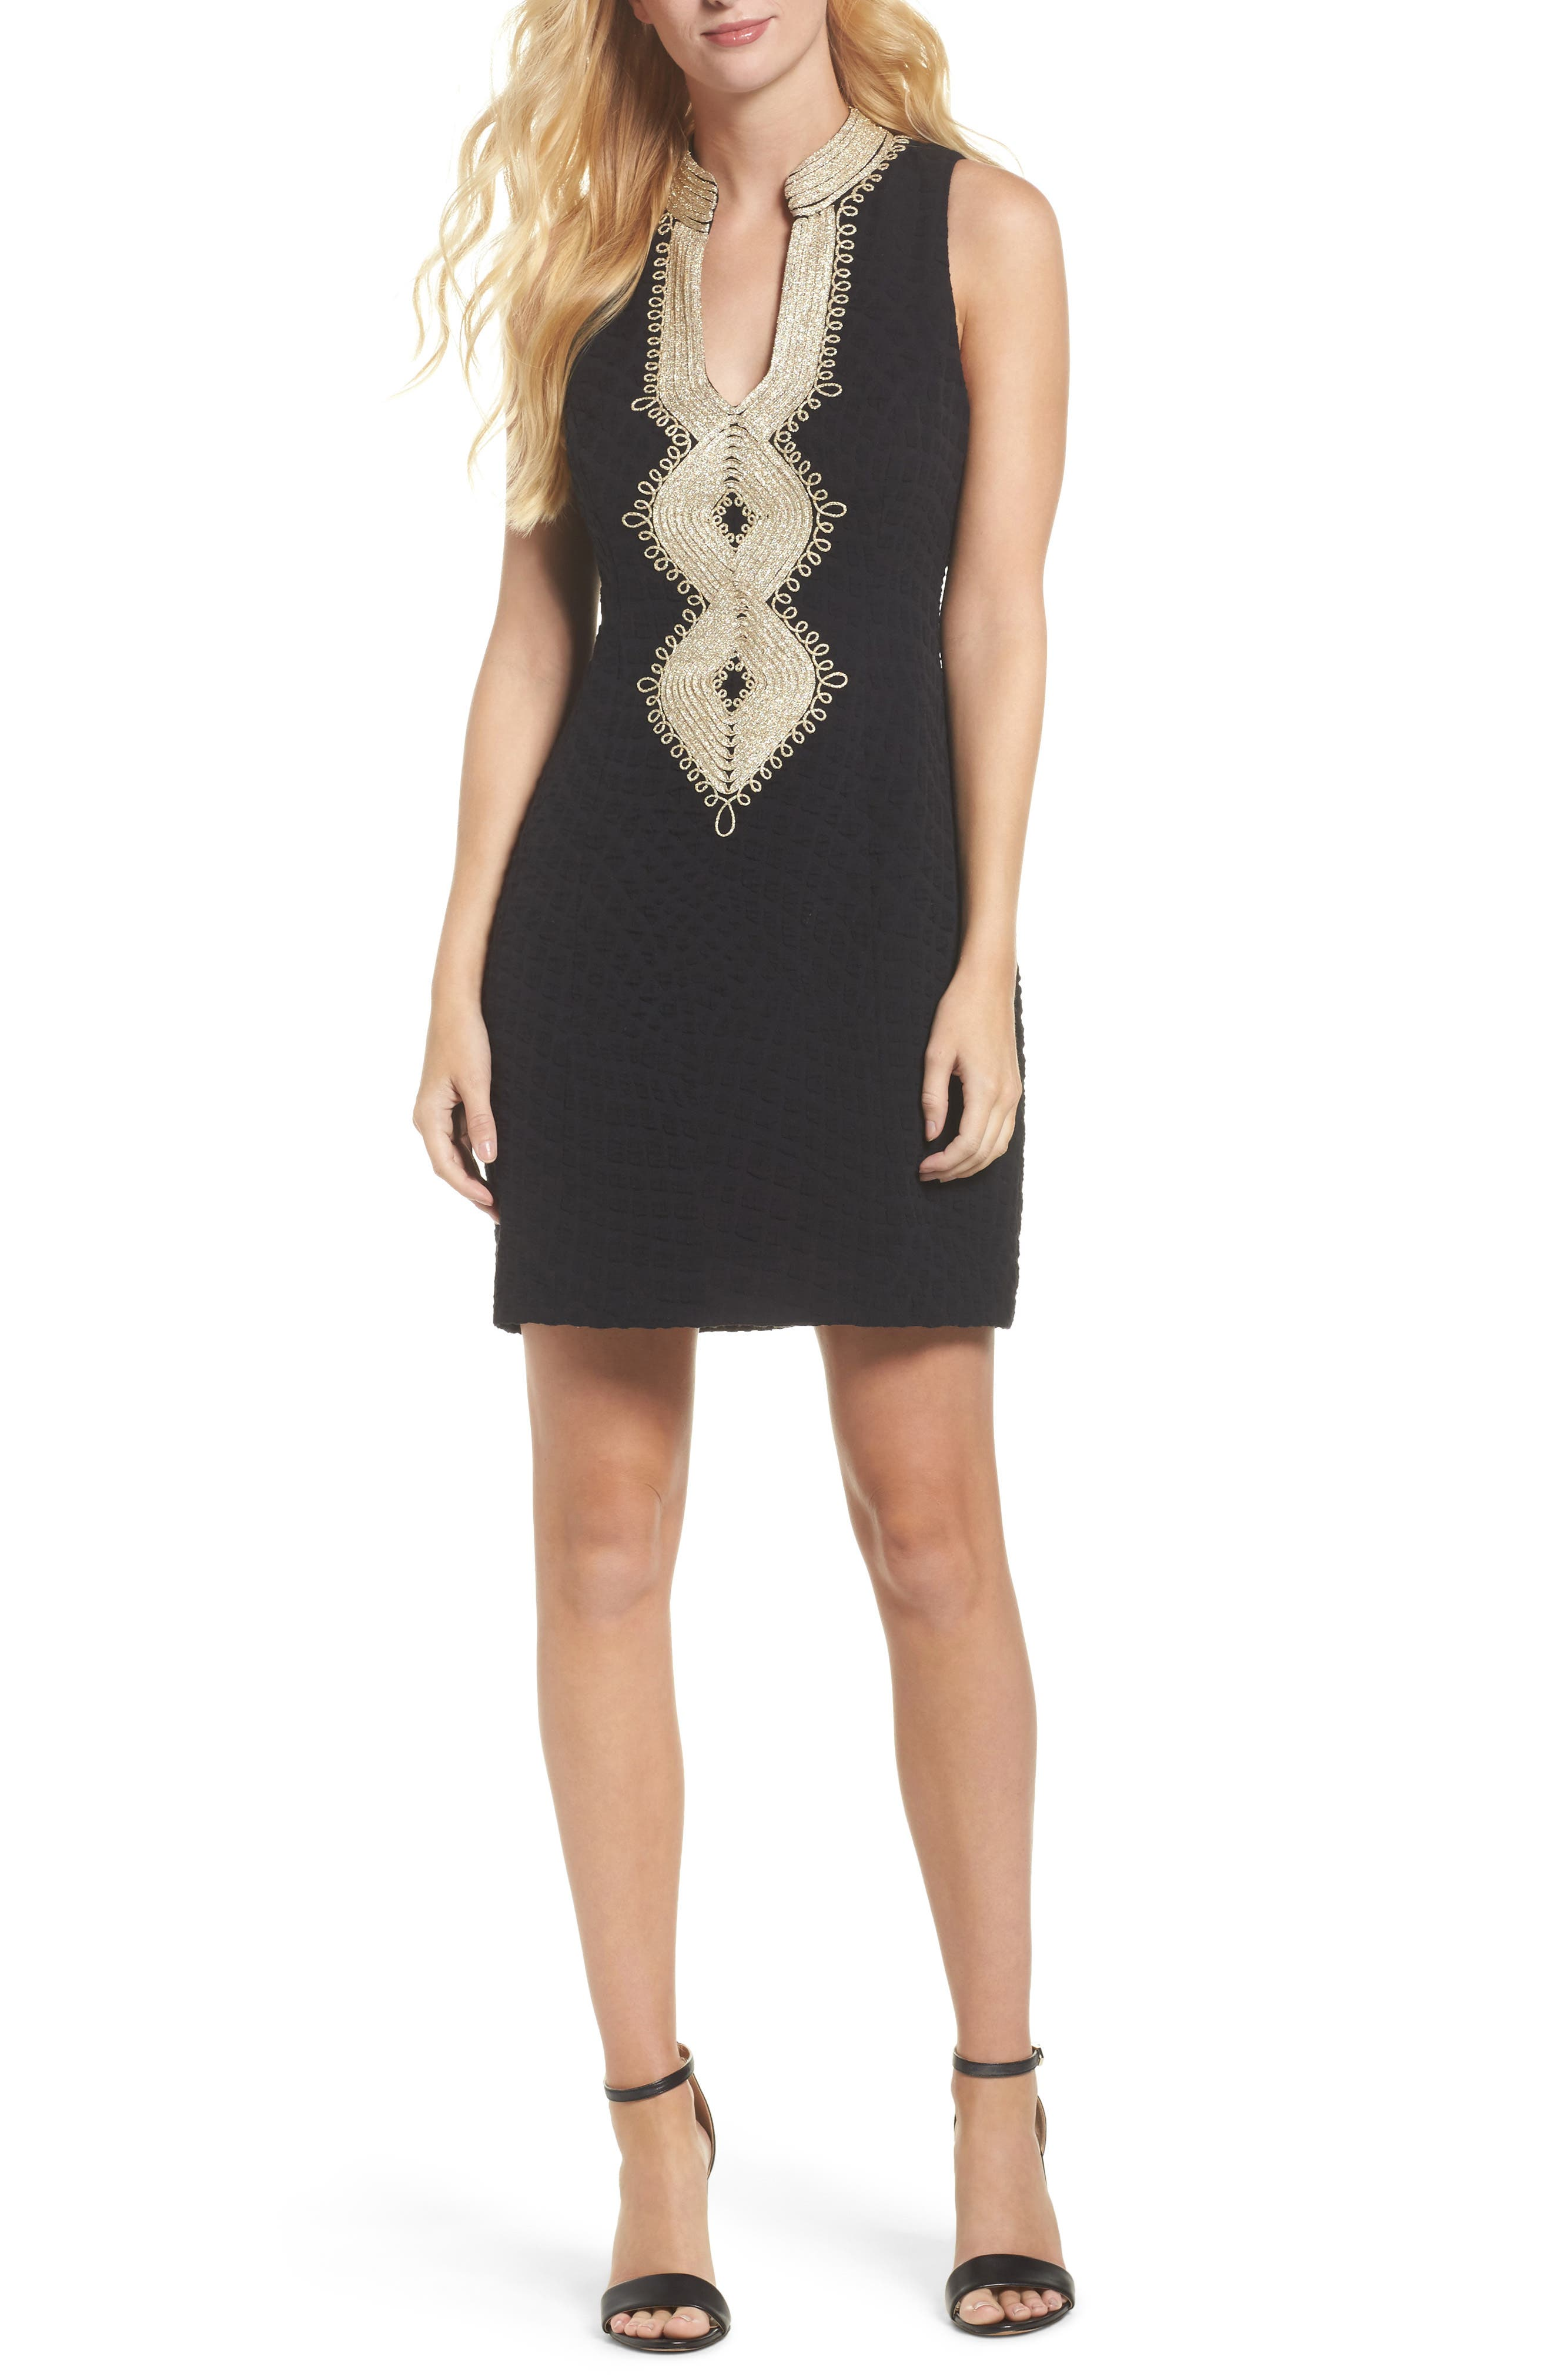 Main Image - Lilly Pulitzer® Alexa Sheath Dress